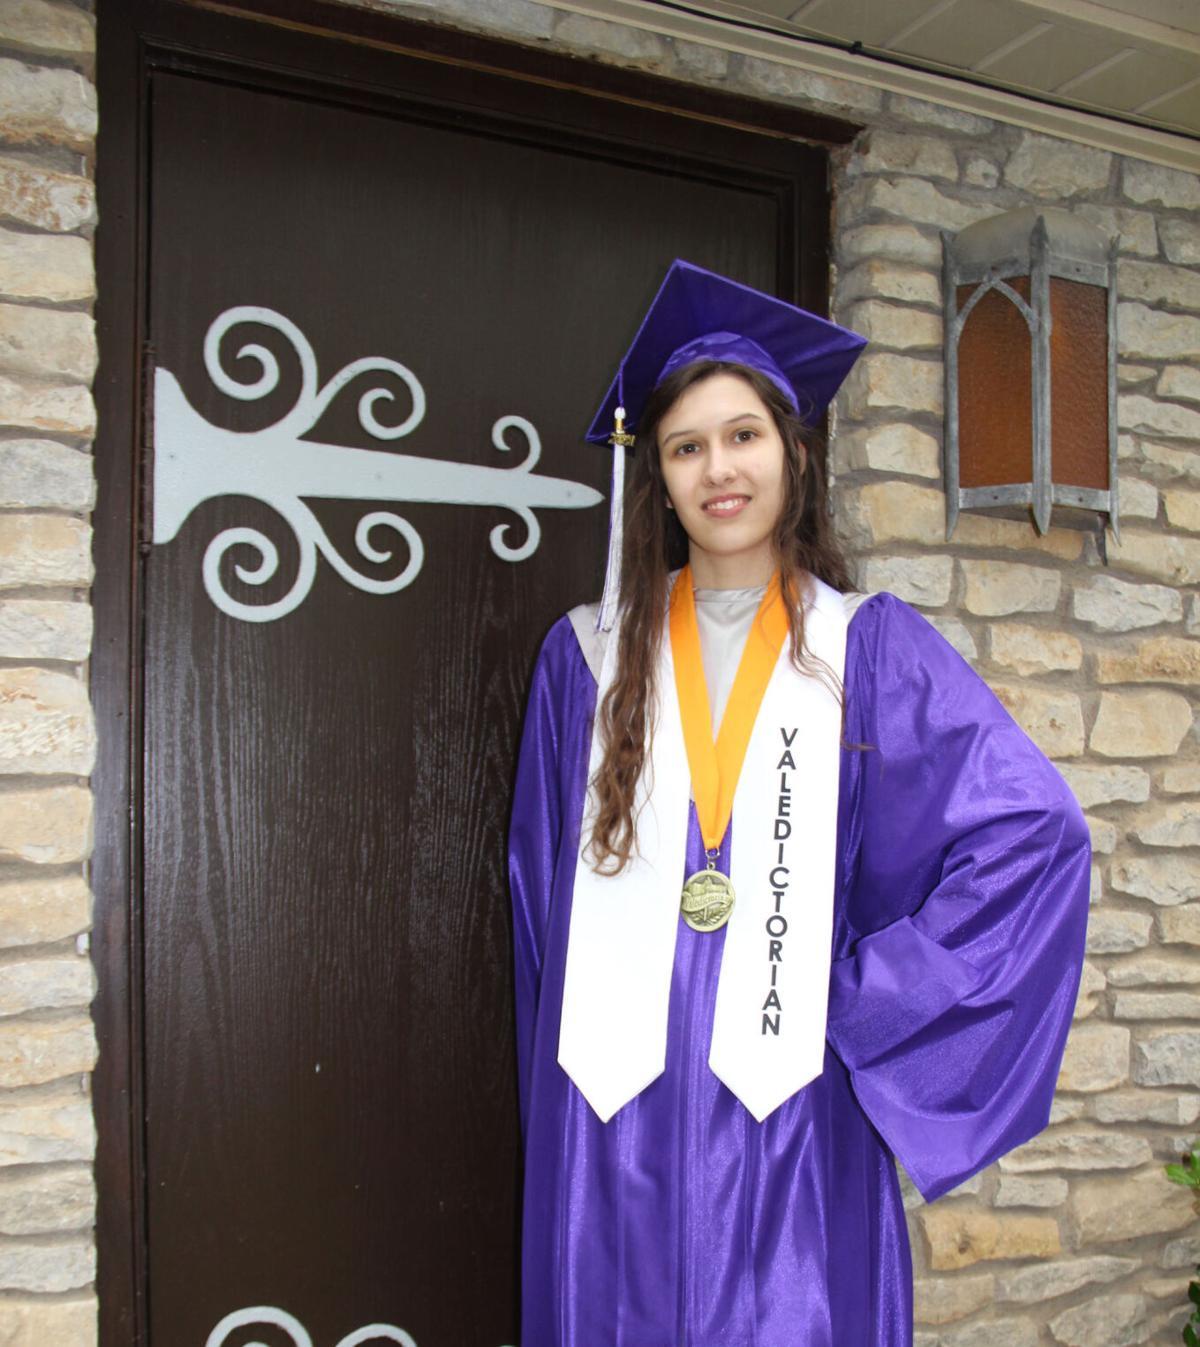 Valedictorian Elizabeth Blevins